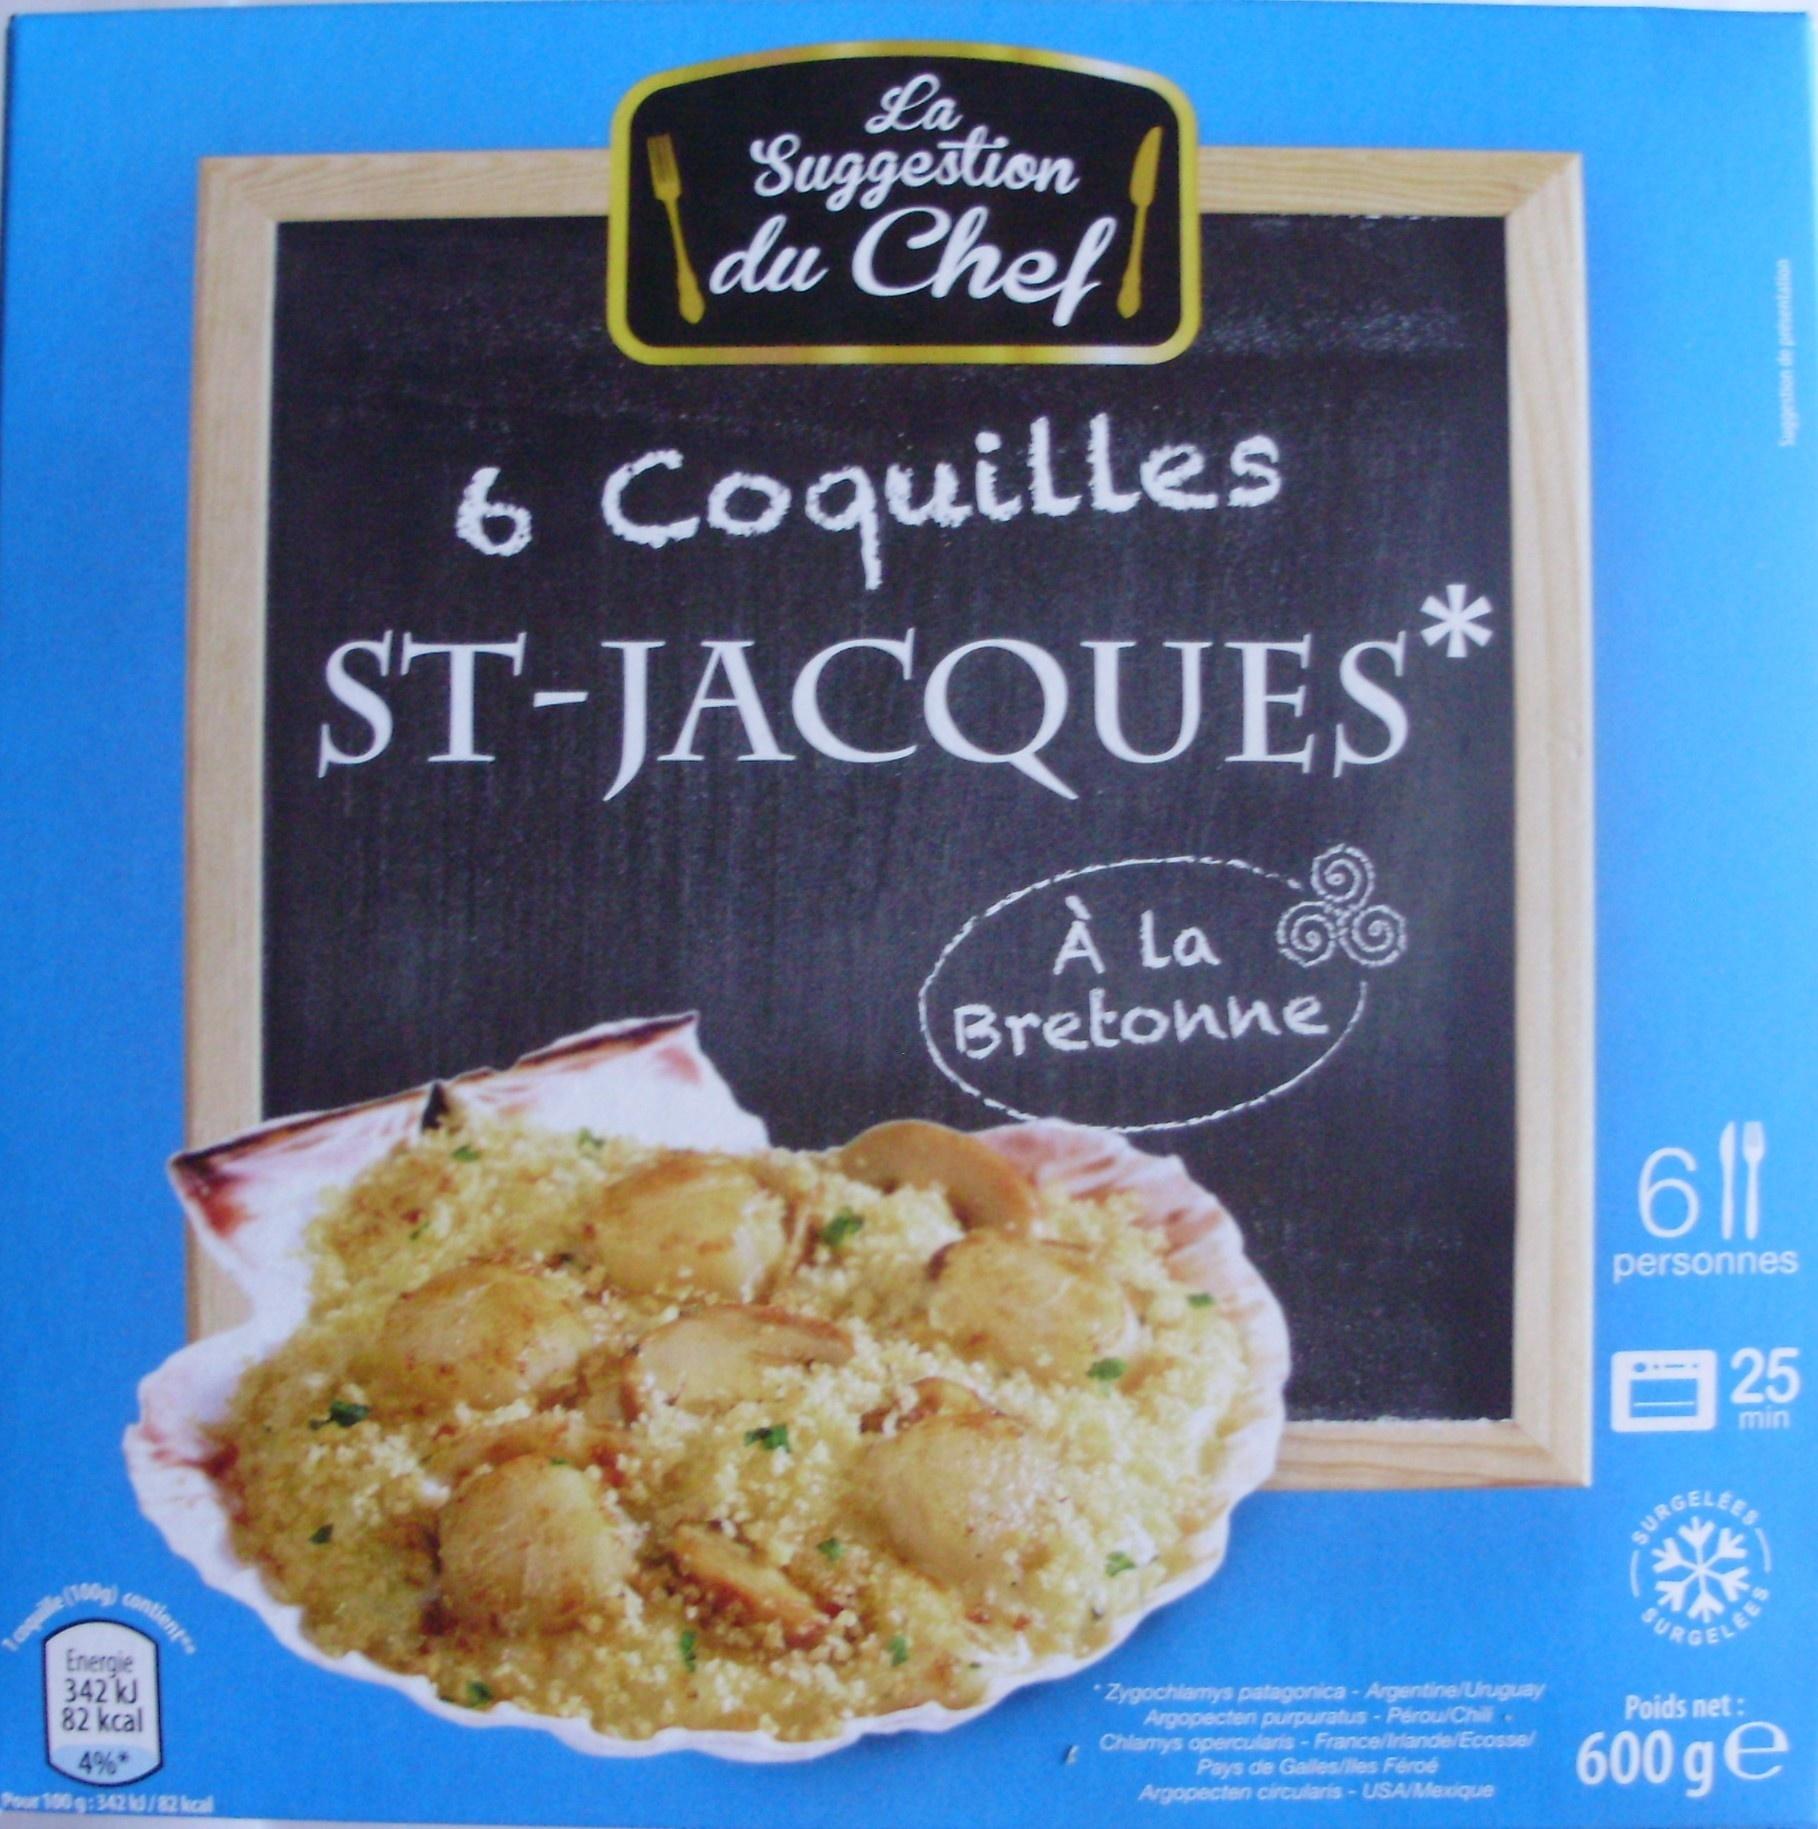 6 Coquilles St-Jacques* à la Bretonne, Surgelées - Product